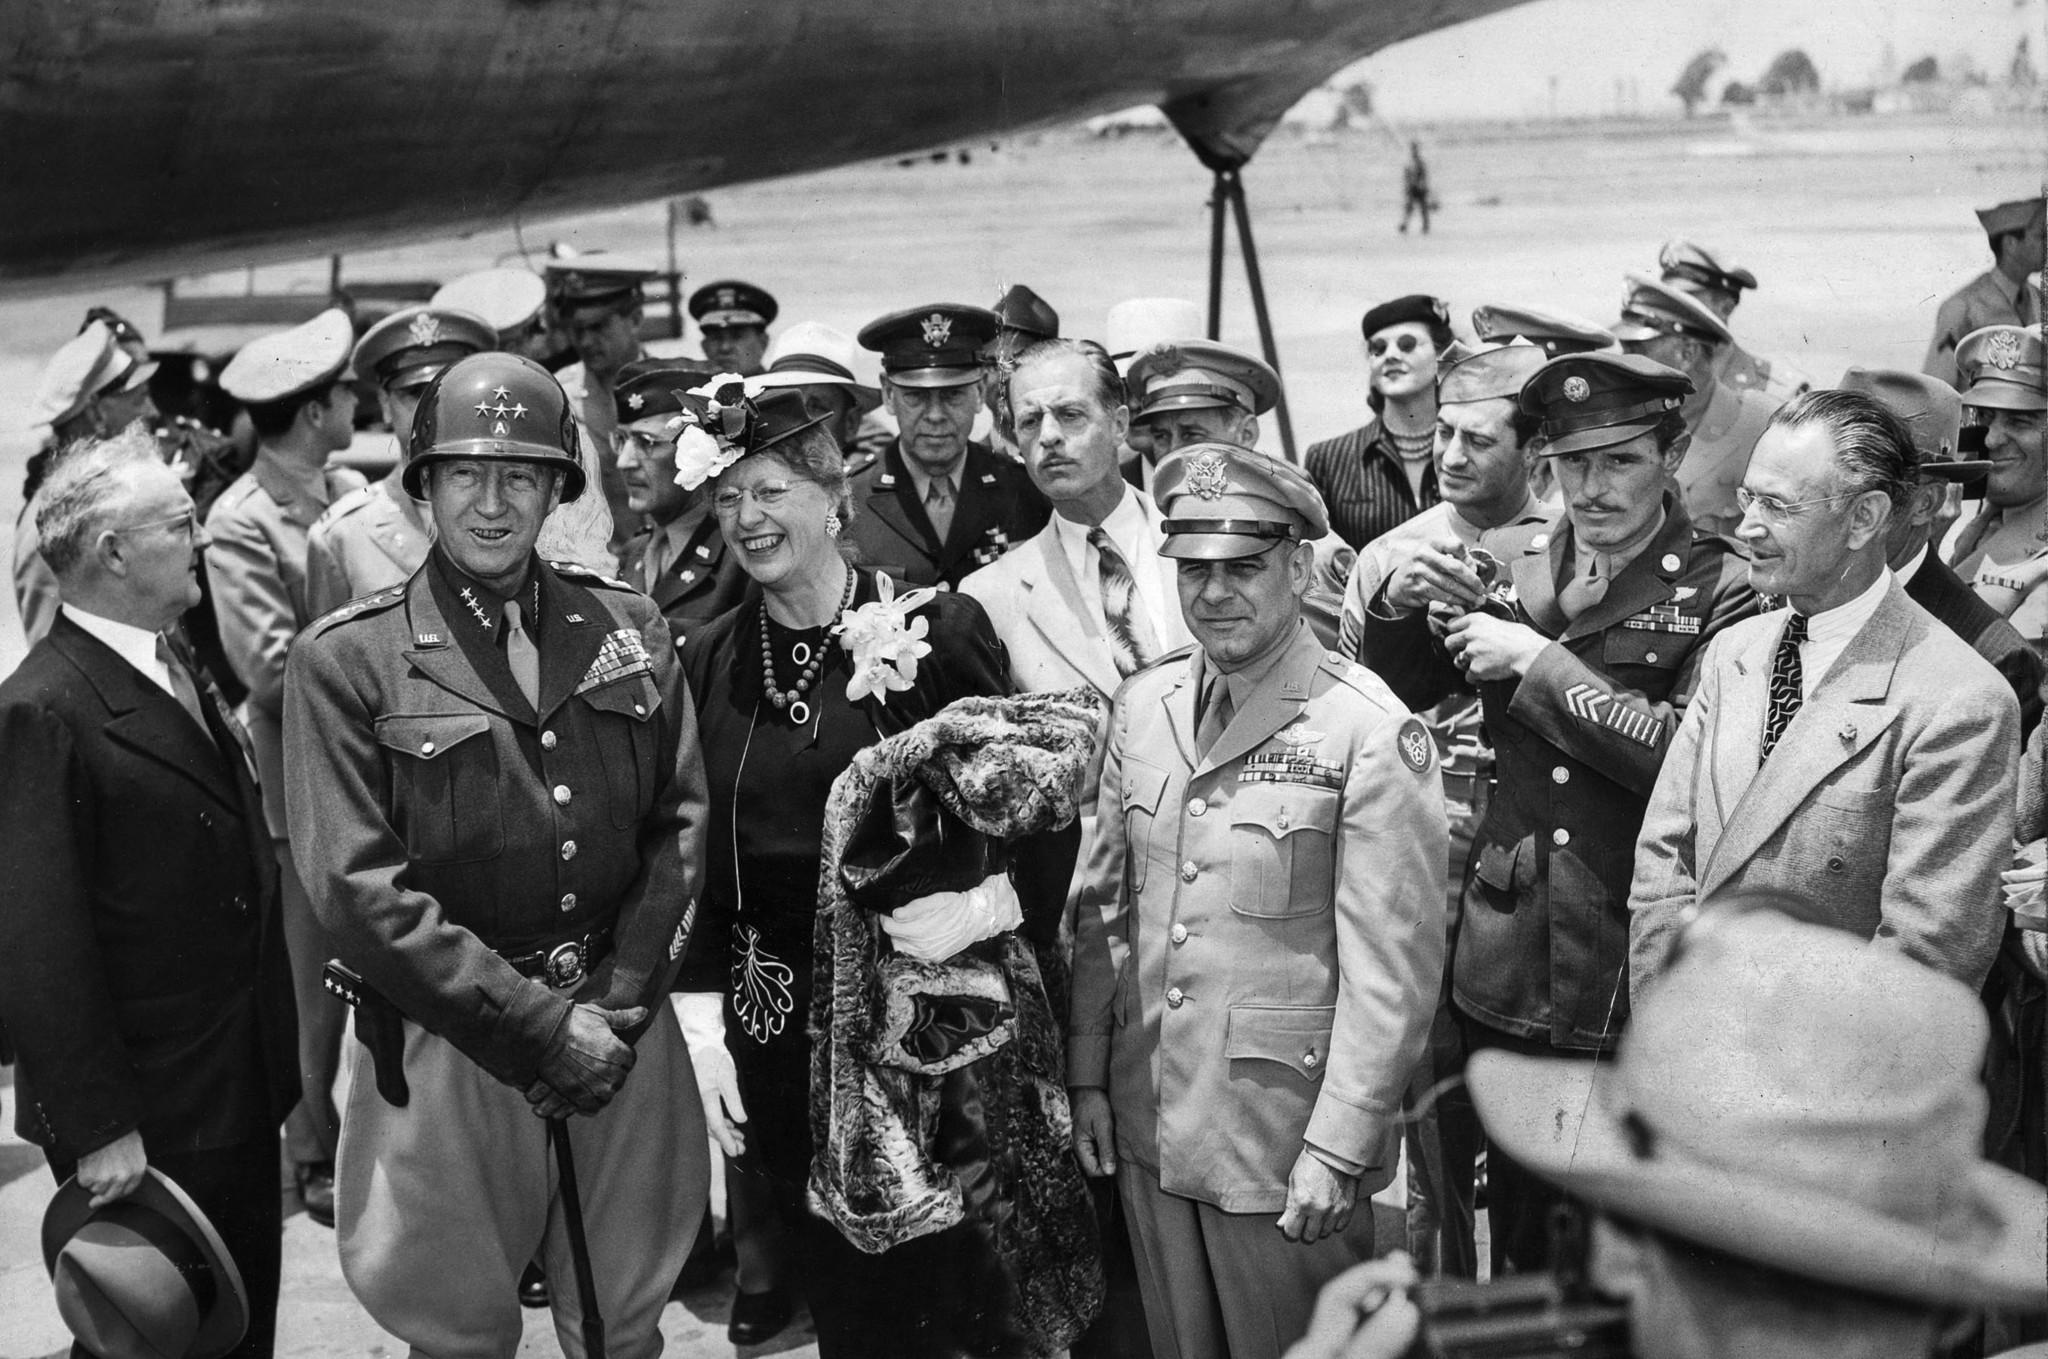 June 9, 1945: After arrival in Los Angeles from Denver, mayor Fletcher Bowron, left, welcomes Gen. G